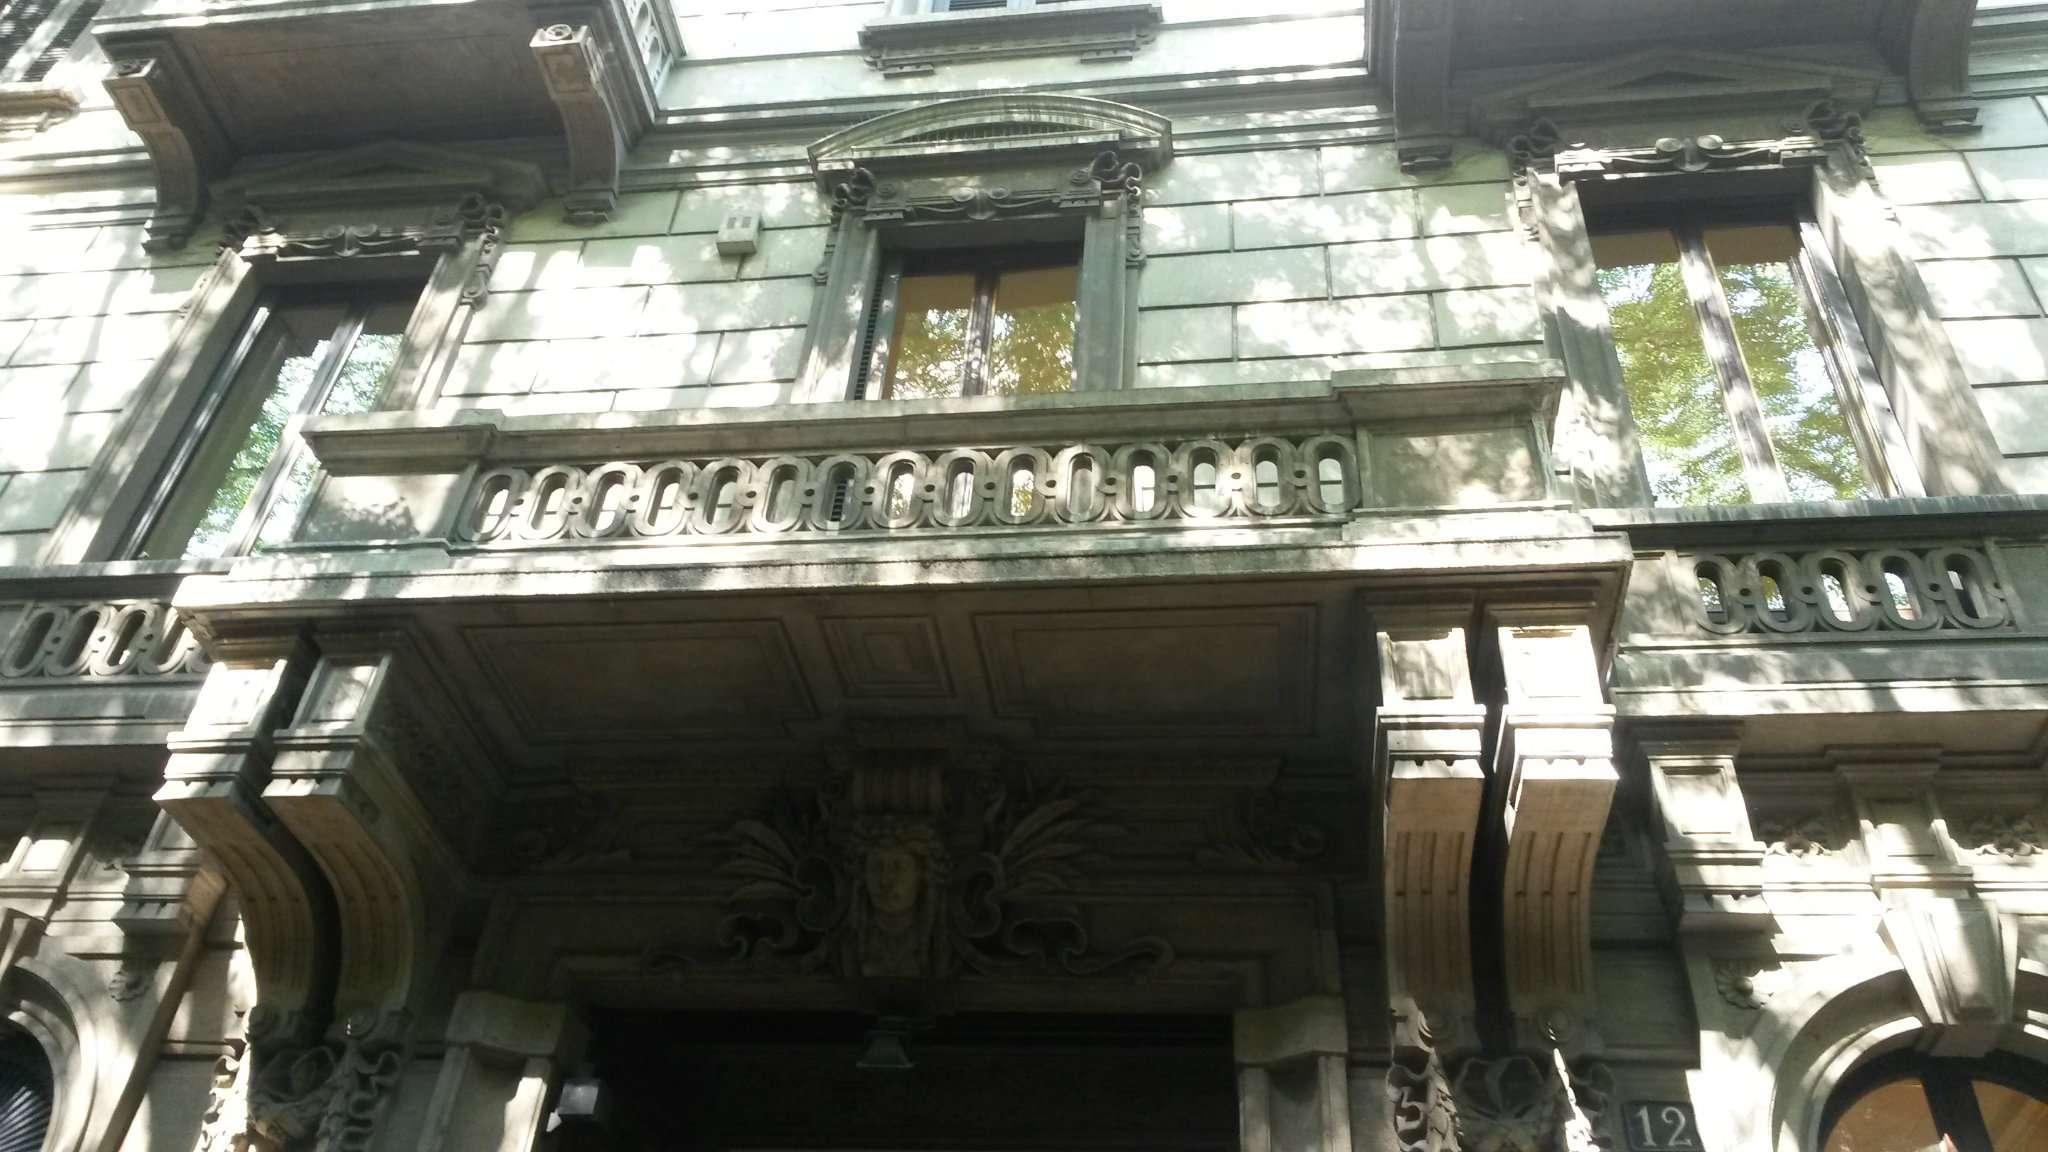 Appartamento in affitto a Milano, 3 locali, zona Zona: 1 . Centro Storico, Duomo, Brera, Cadorna, Cattolica, prezzo € 2.170 | Cambio Casa.it